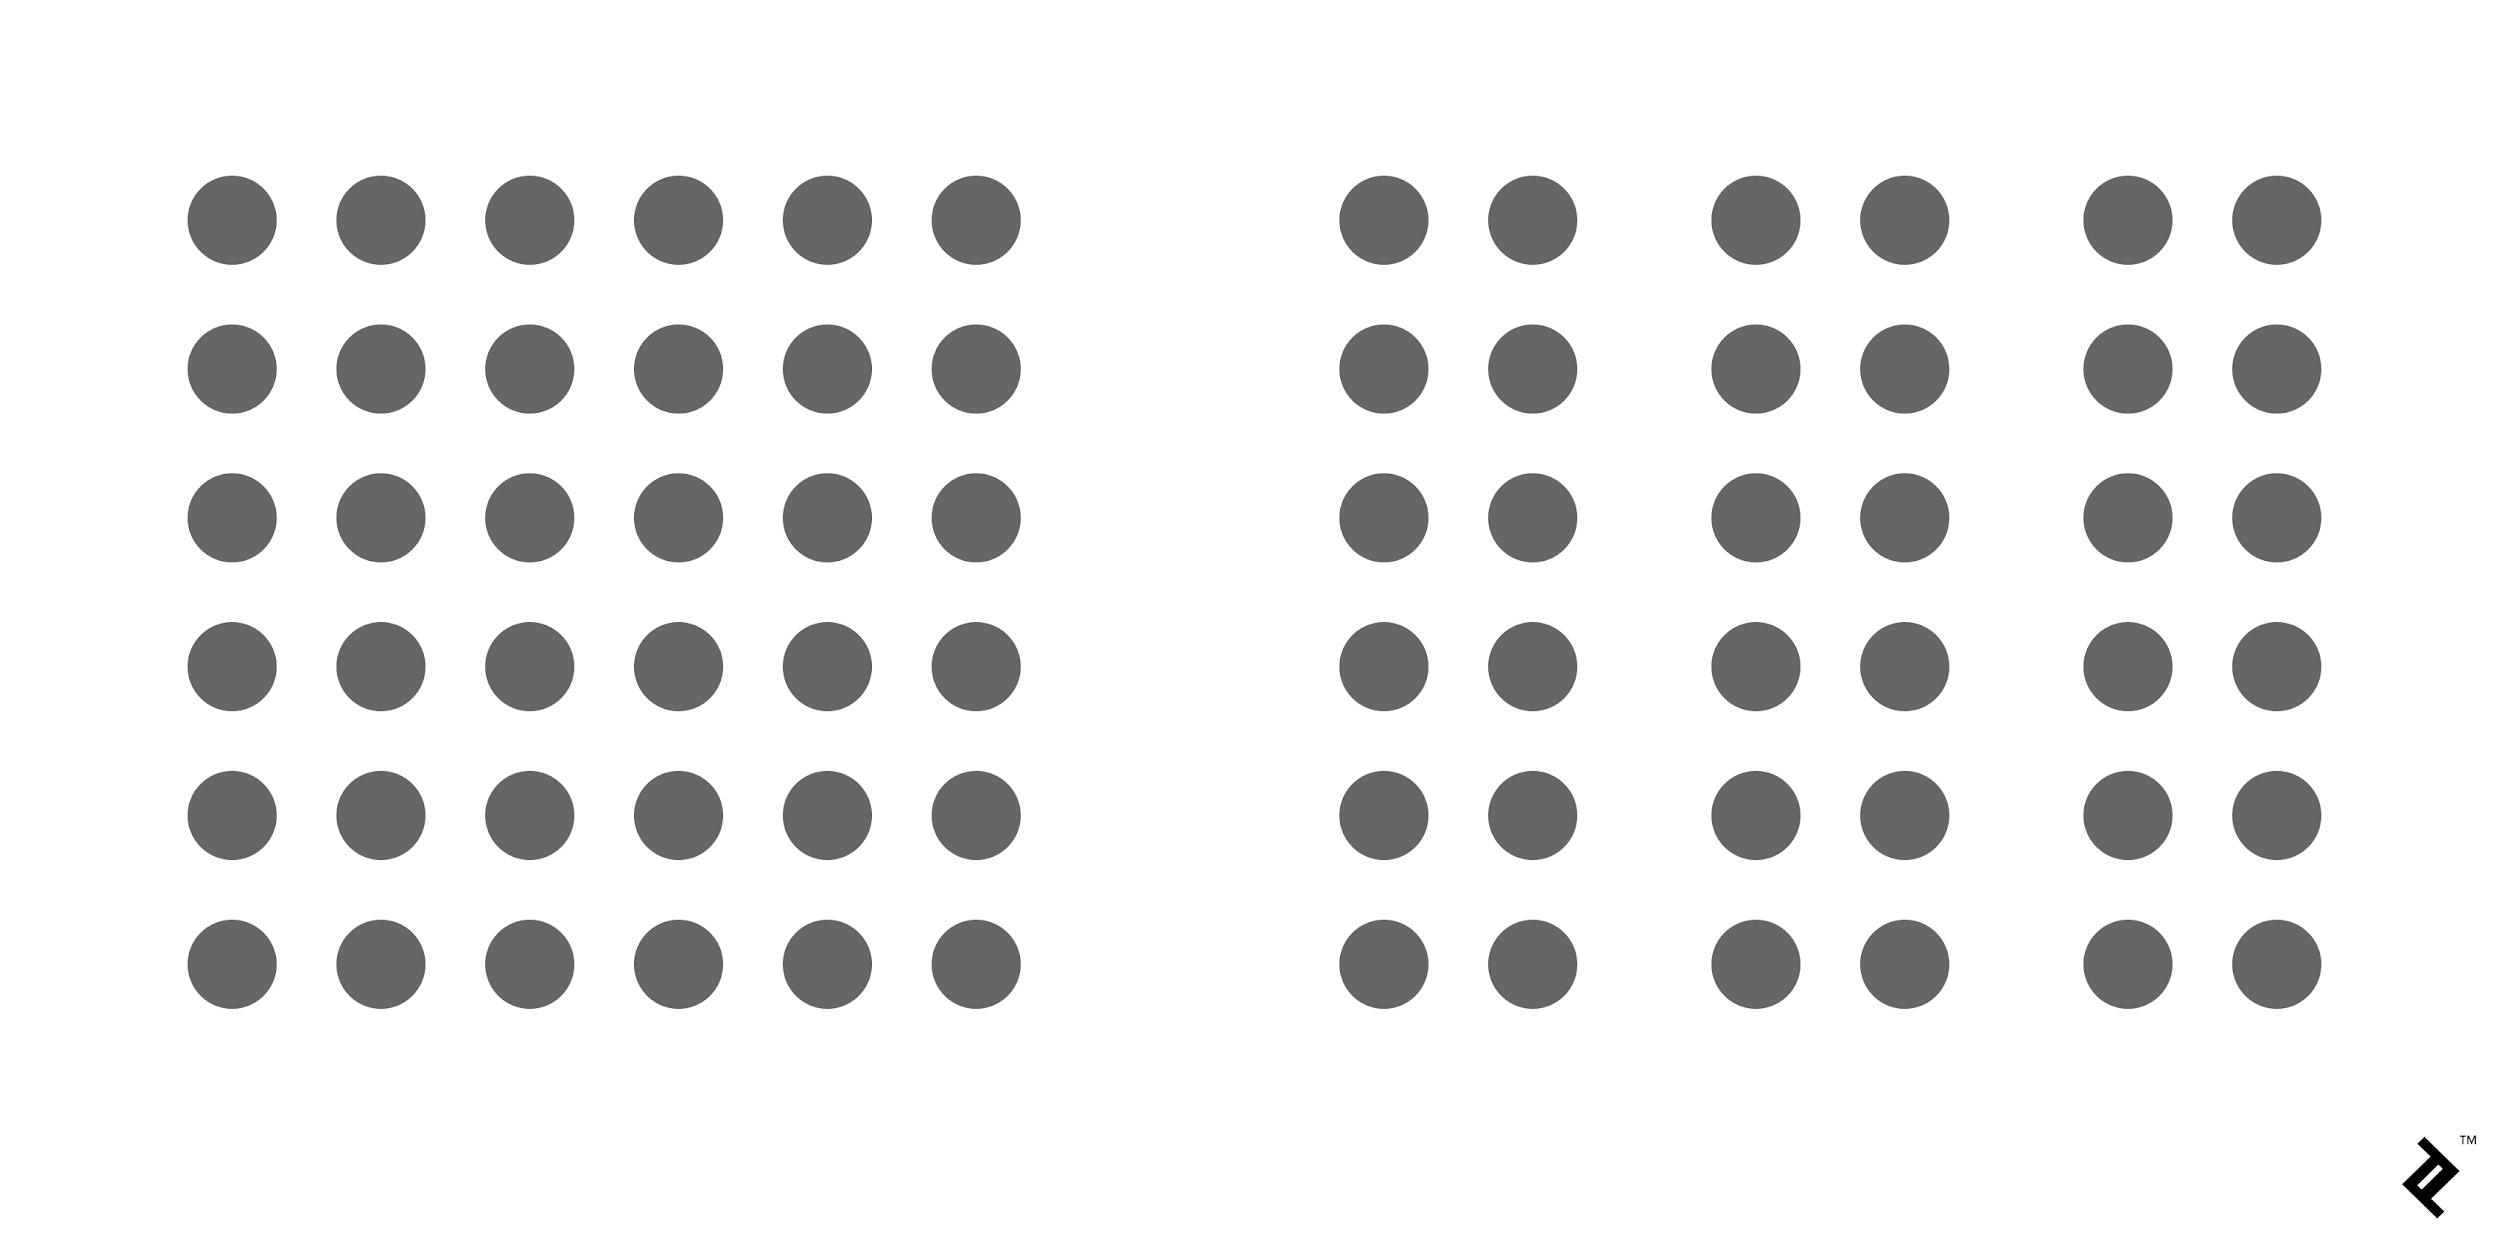 el principio gestalt de proximidad ilustrado con grupos de círculos